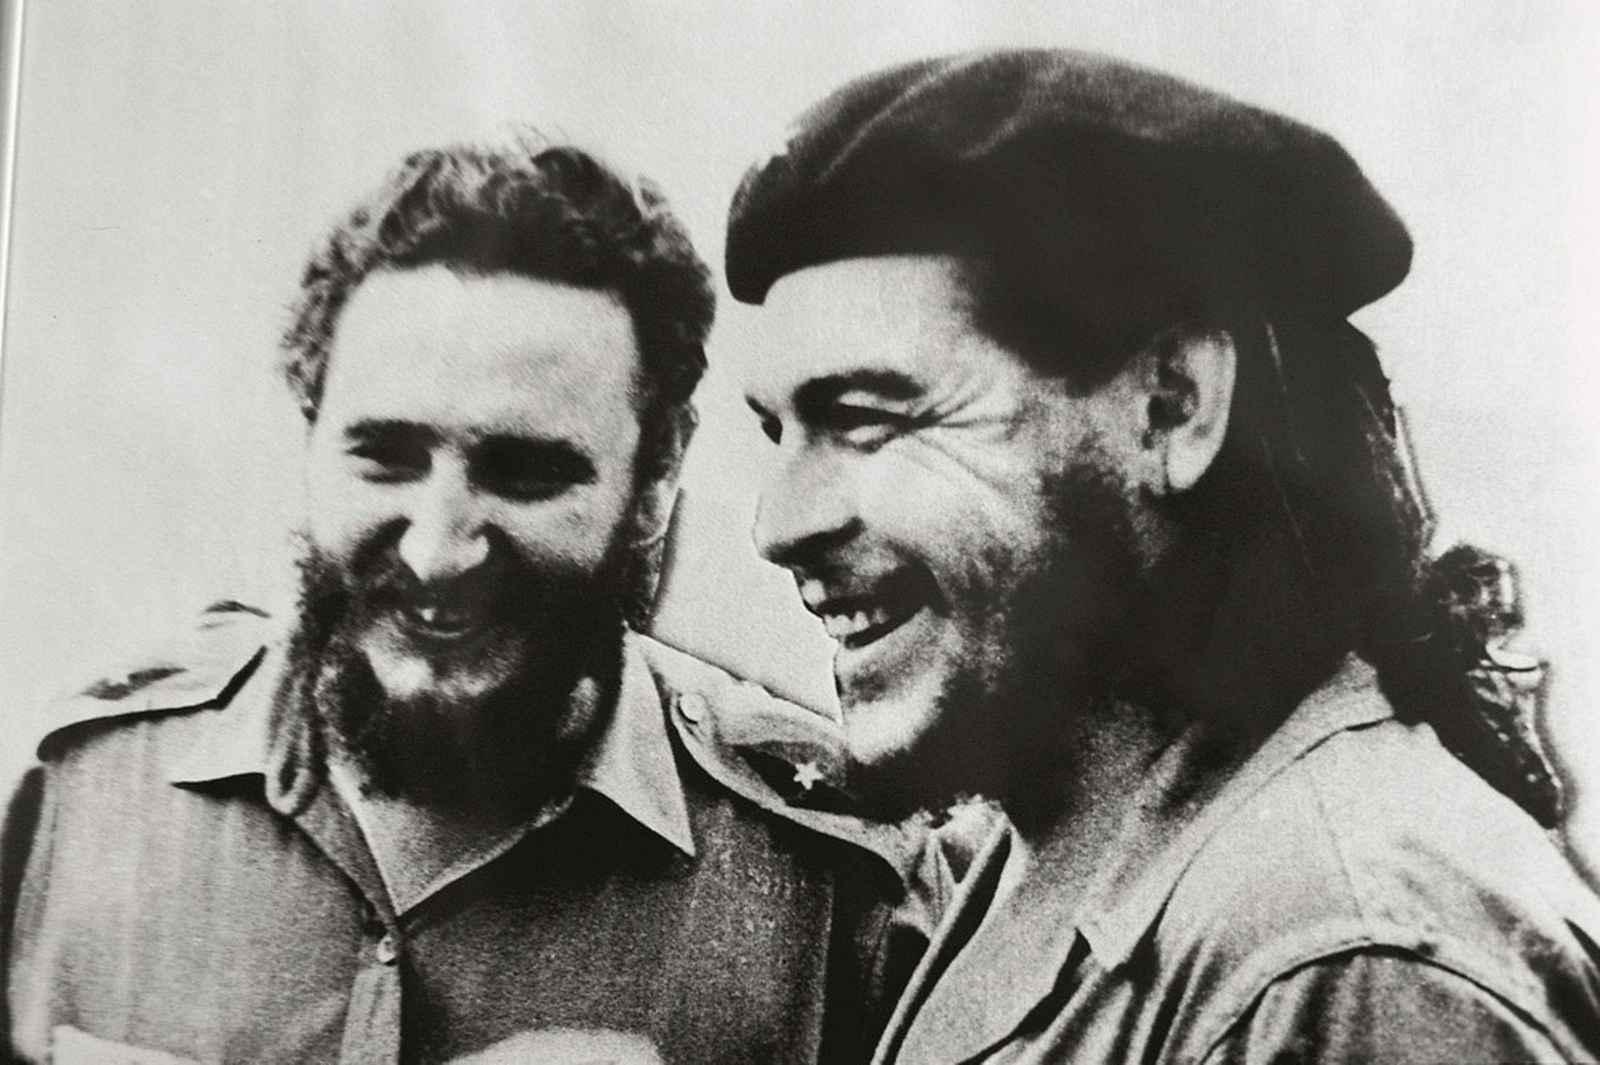 Ernesto Che Guevara and Fidel Castro